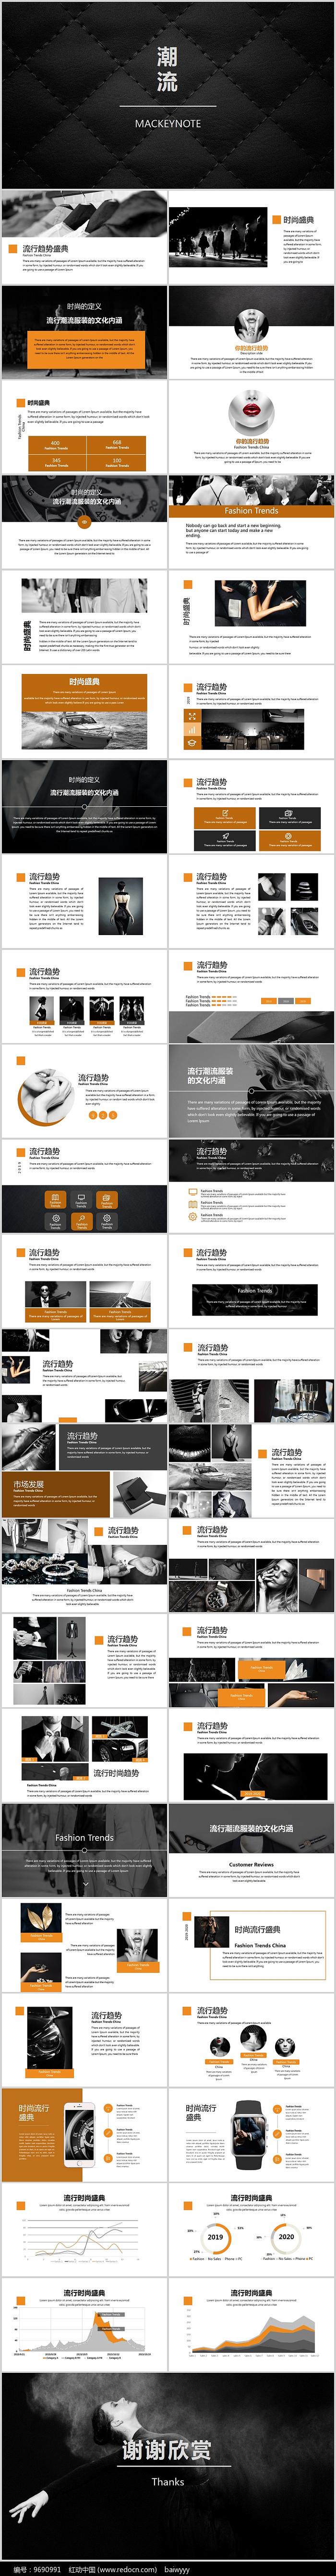 时尚艺术服装商业计划书PPT图片